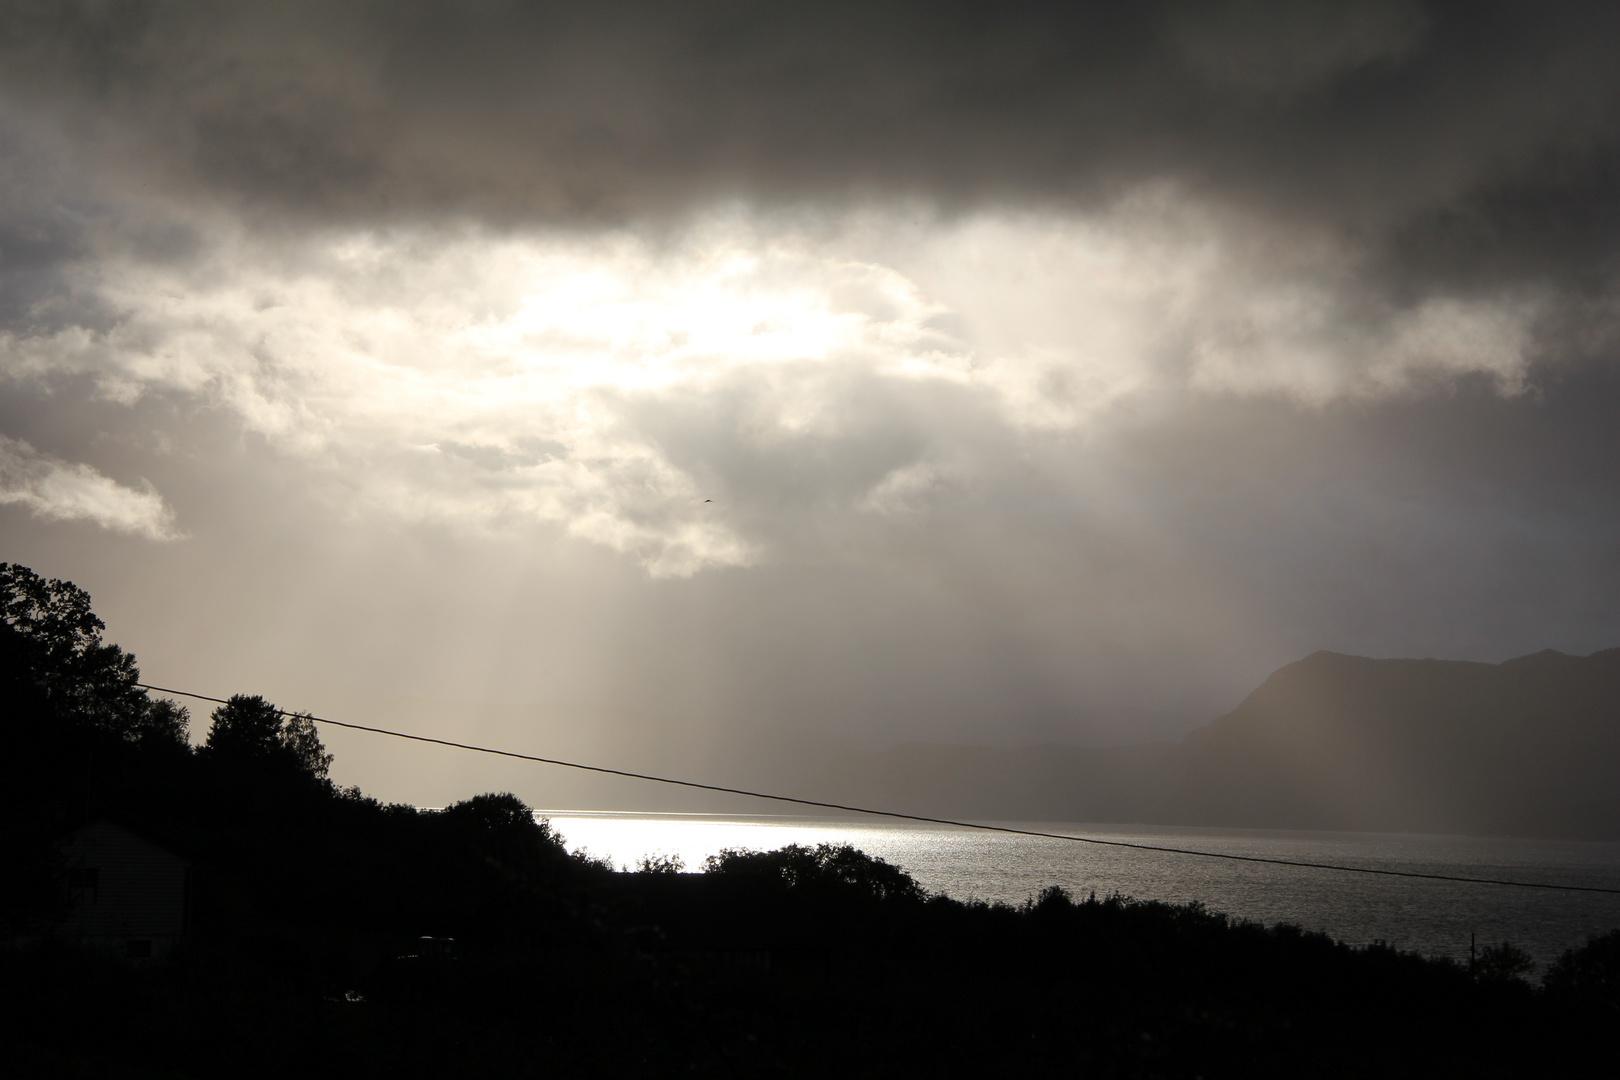 Die Wolkendecke reißt auf